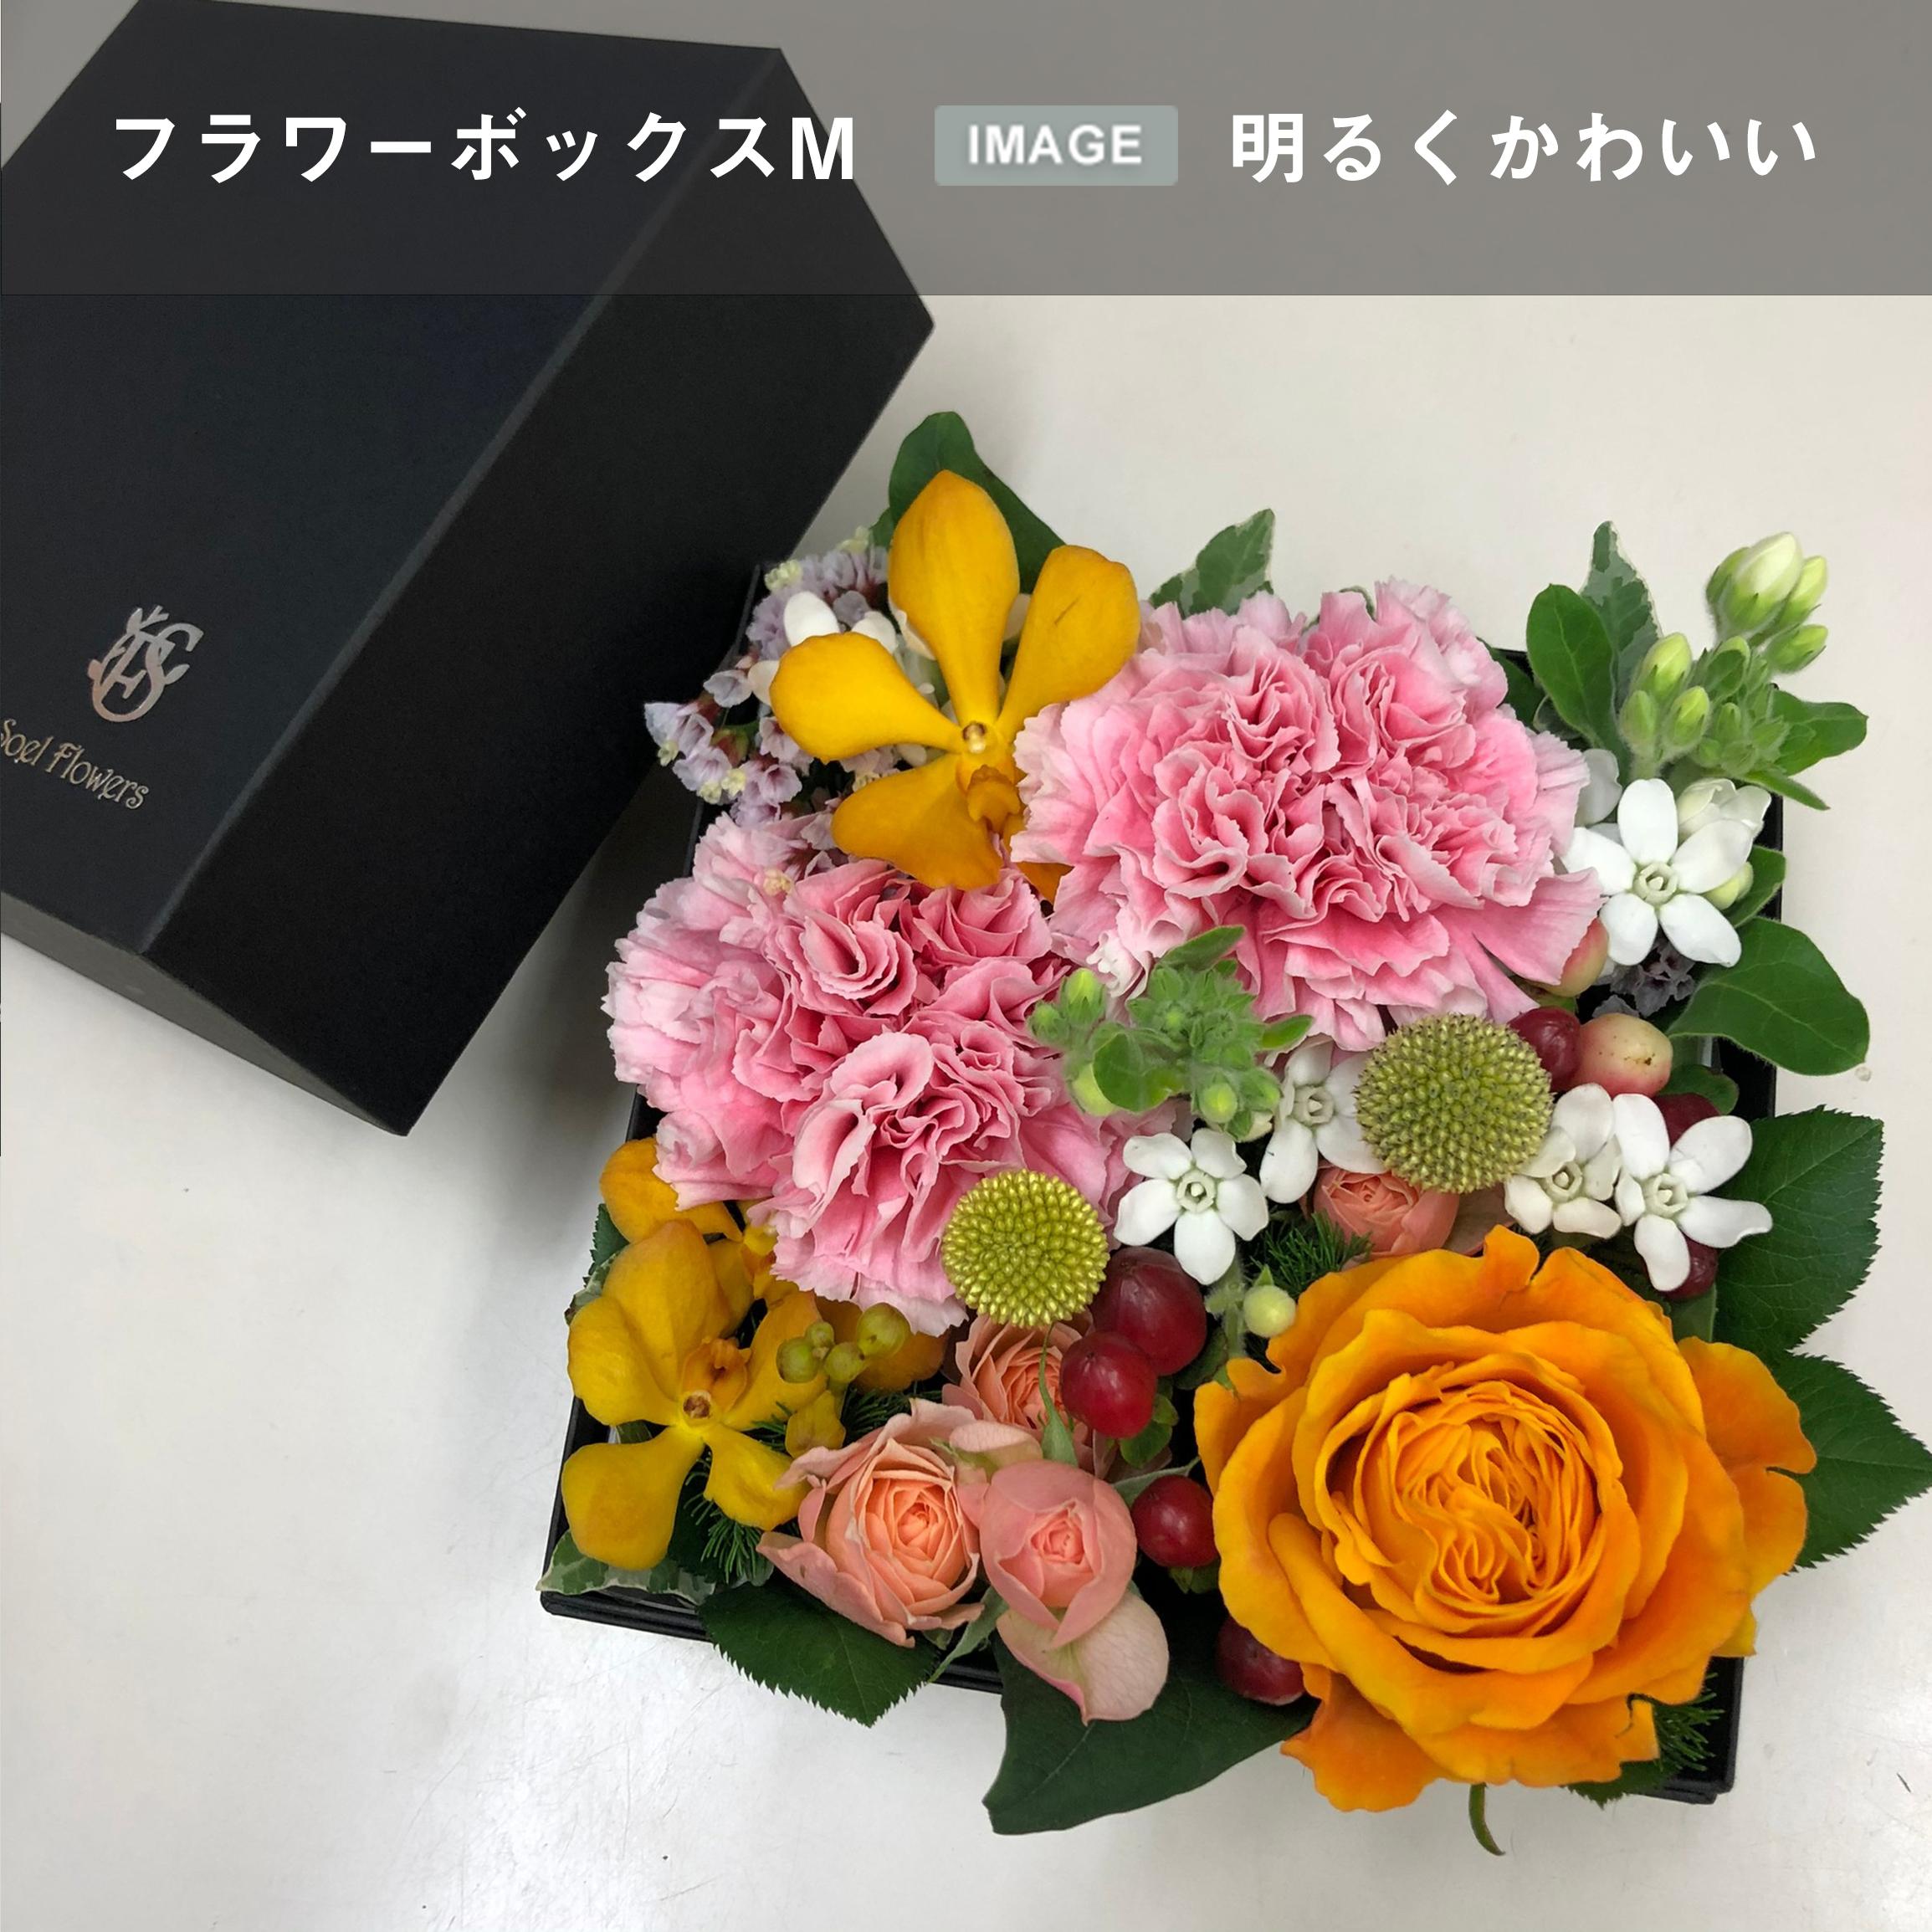 フラワーボックスM 明るくかわいい(2)